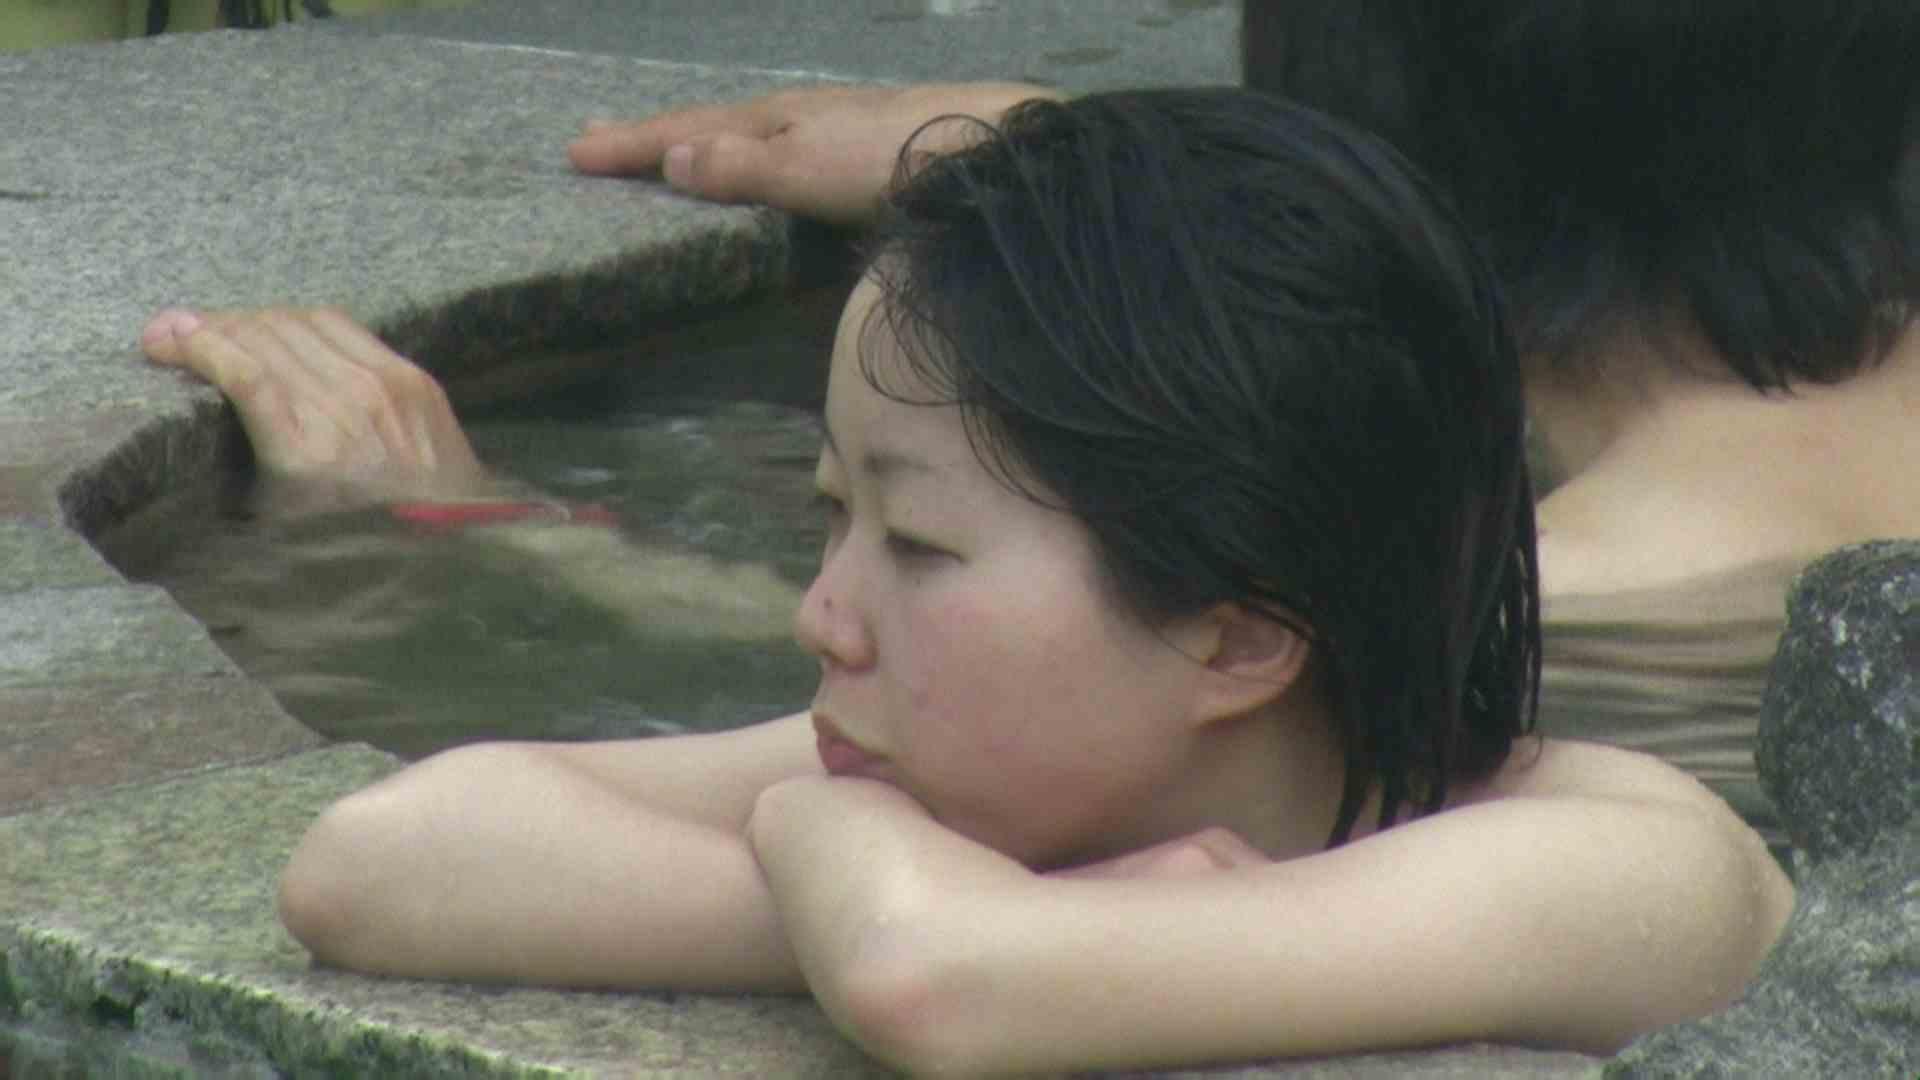 Aquaな露天風呂Vol.06【VIP】 盗撮 | 露天  83画像 19